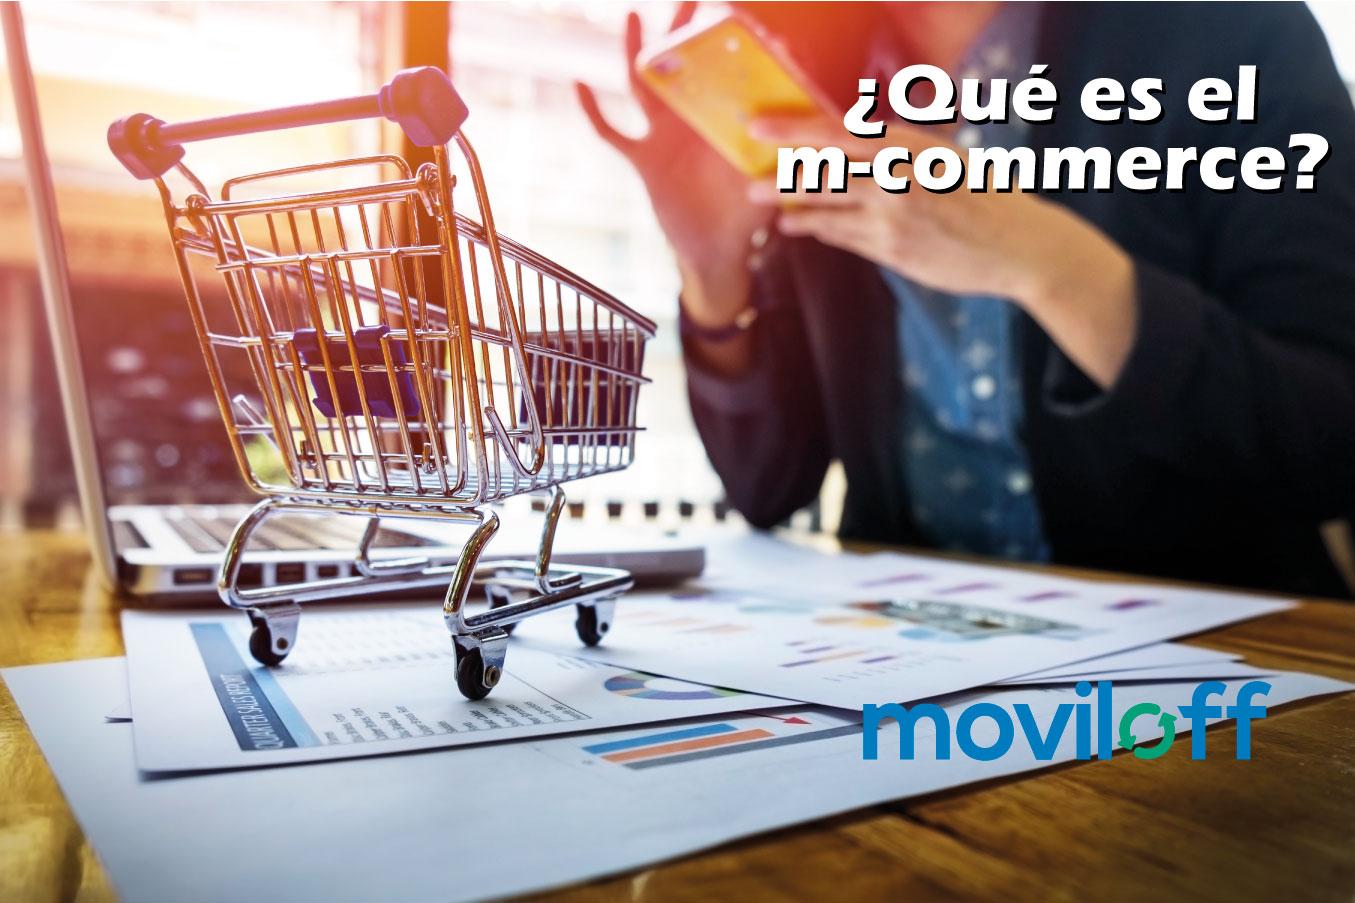 M-Commerce o comercio electrónico usando el teléfono móvil